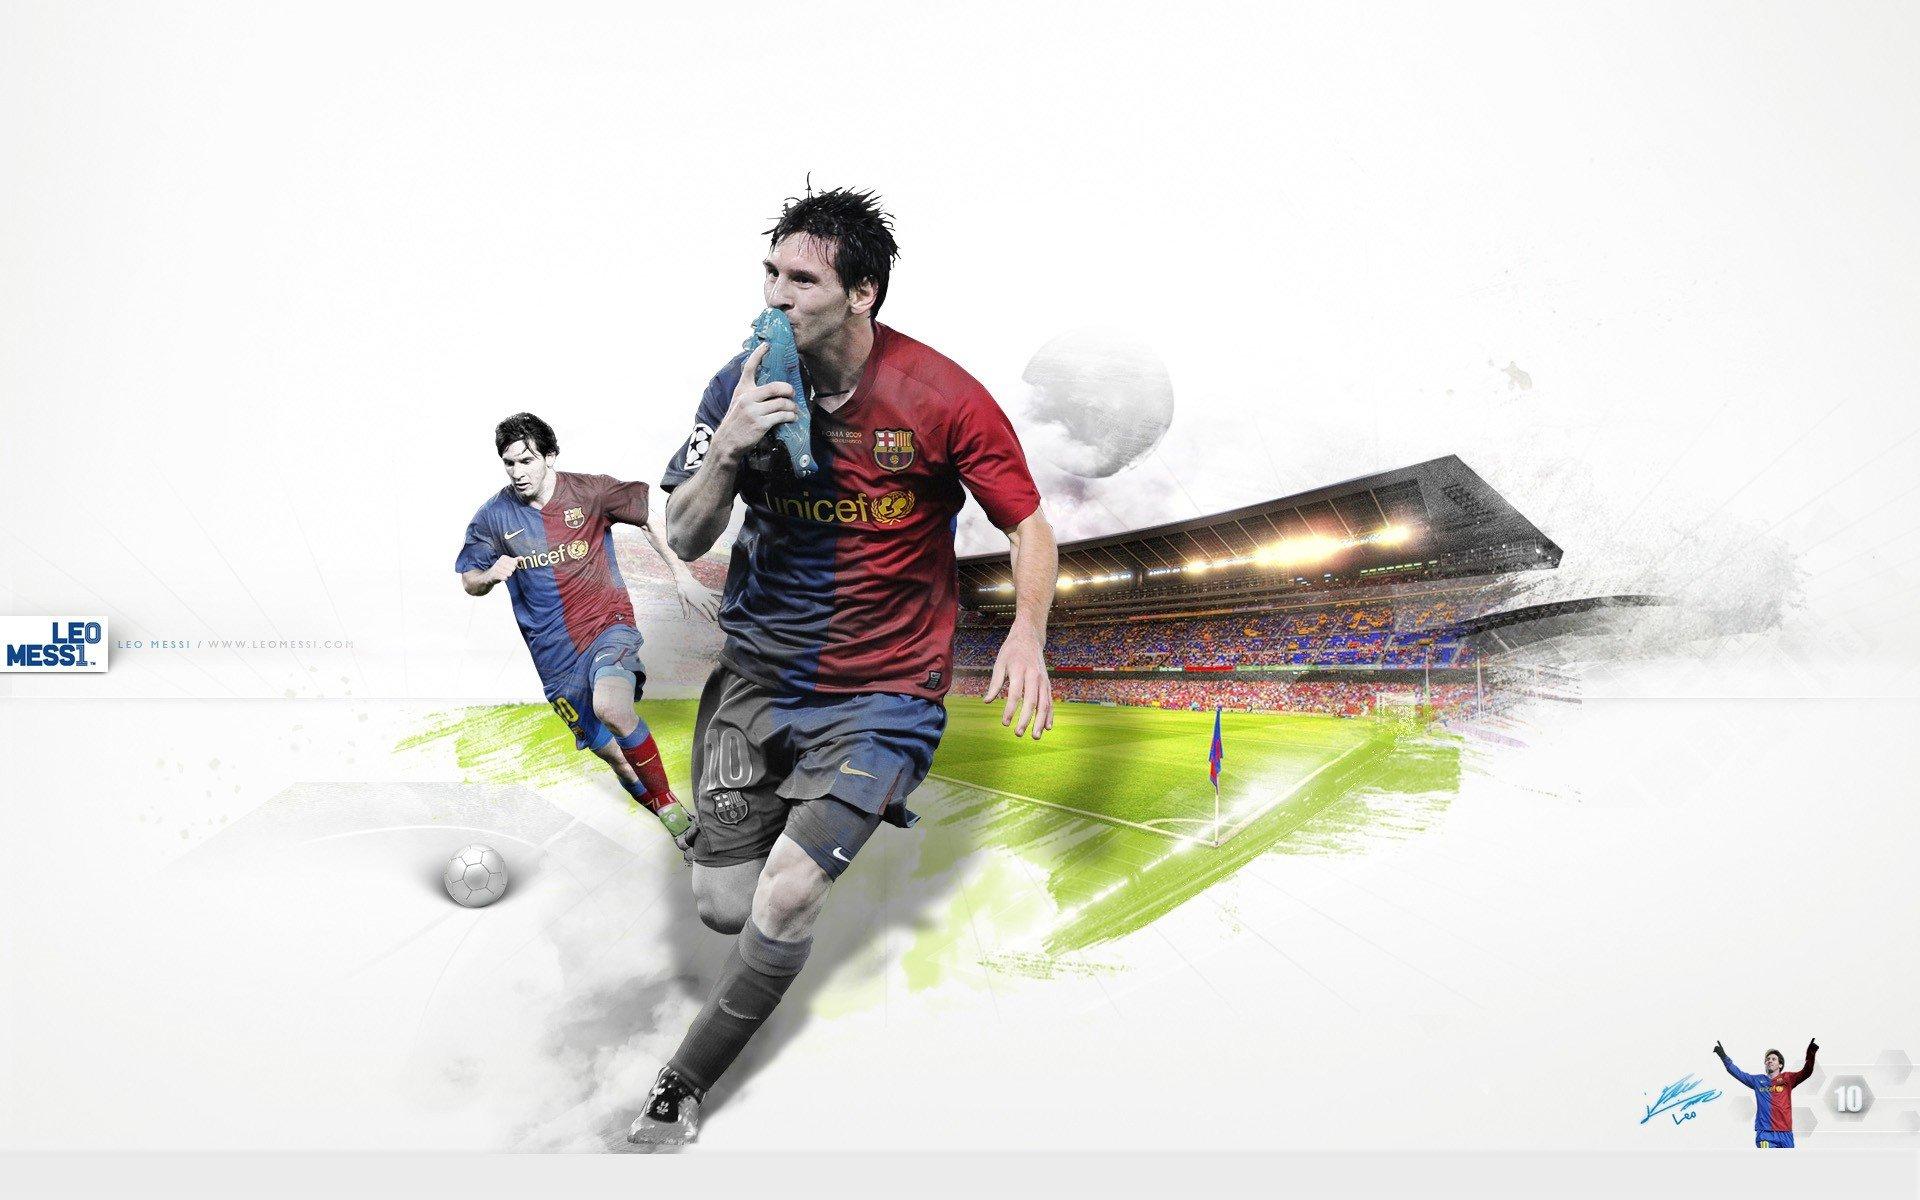 0bc06b8a3 Soccer legendary legend catalunya Lionel Messi FC Barcelona Argentina  National Football Team Fc BarAIA wallpaper